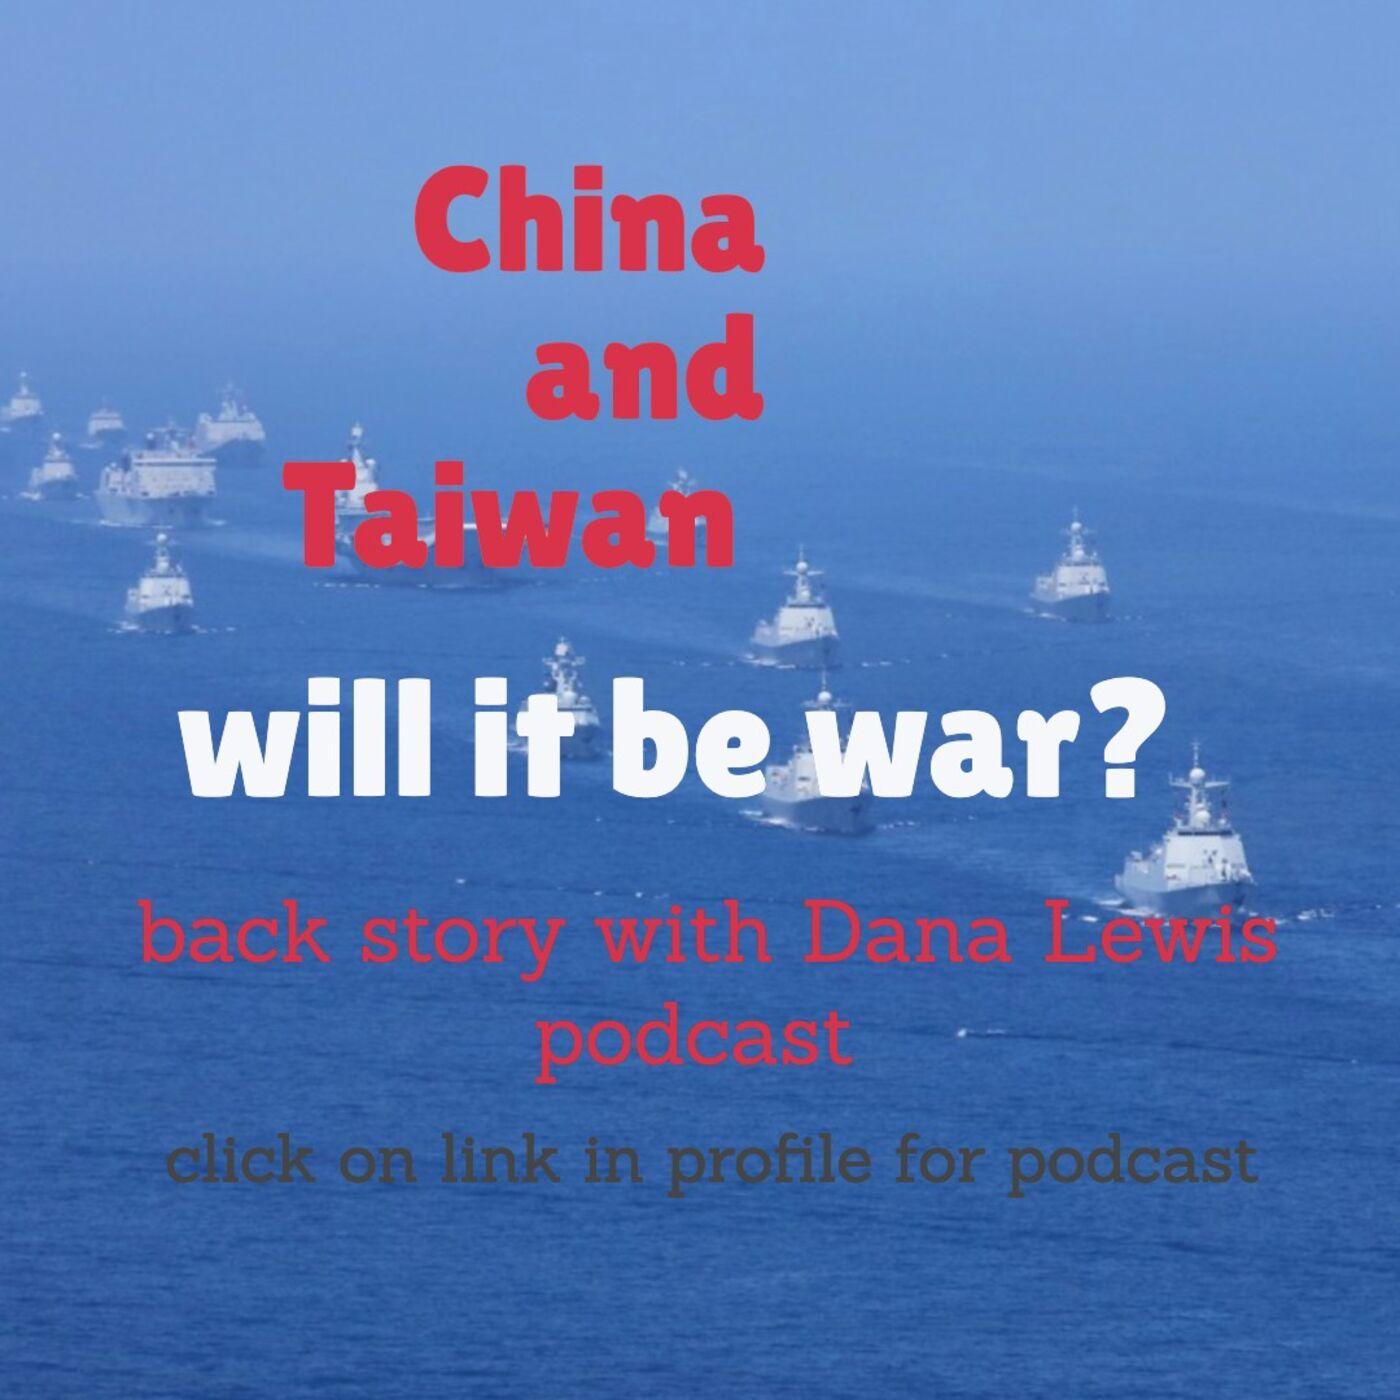 CHINA - TAIWAN WAR?